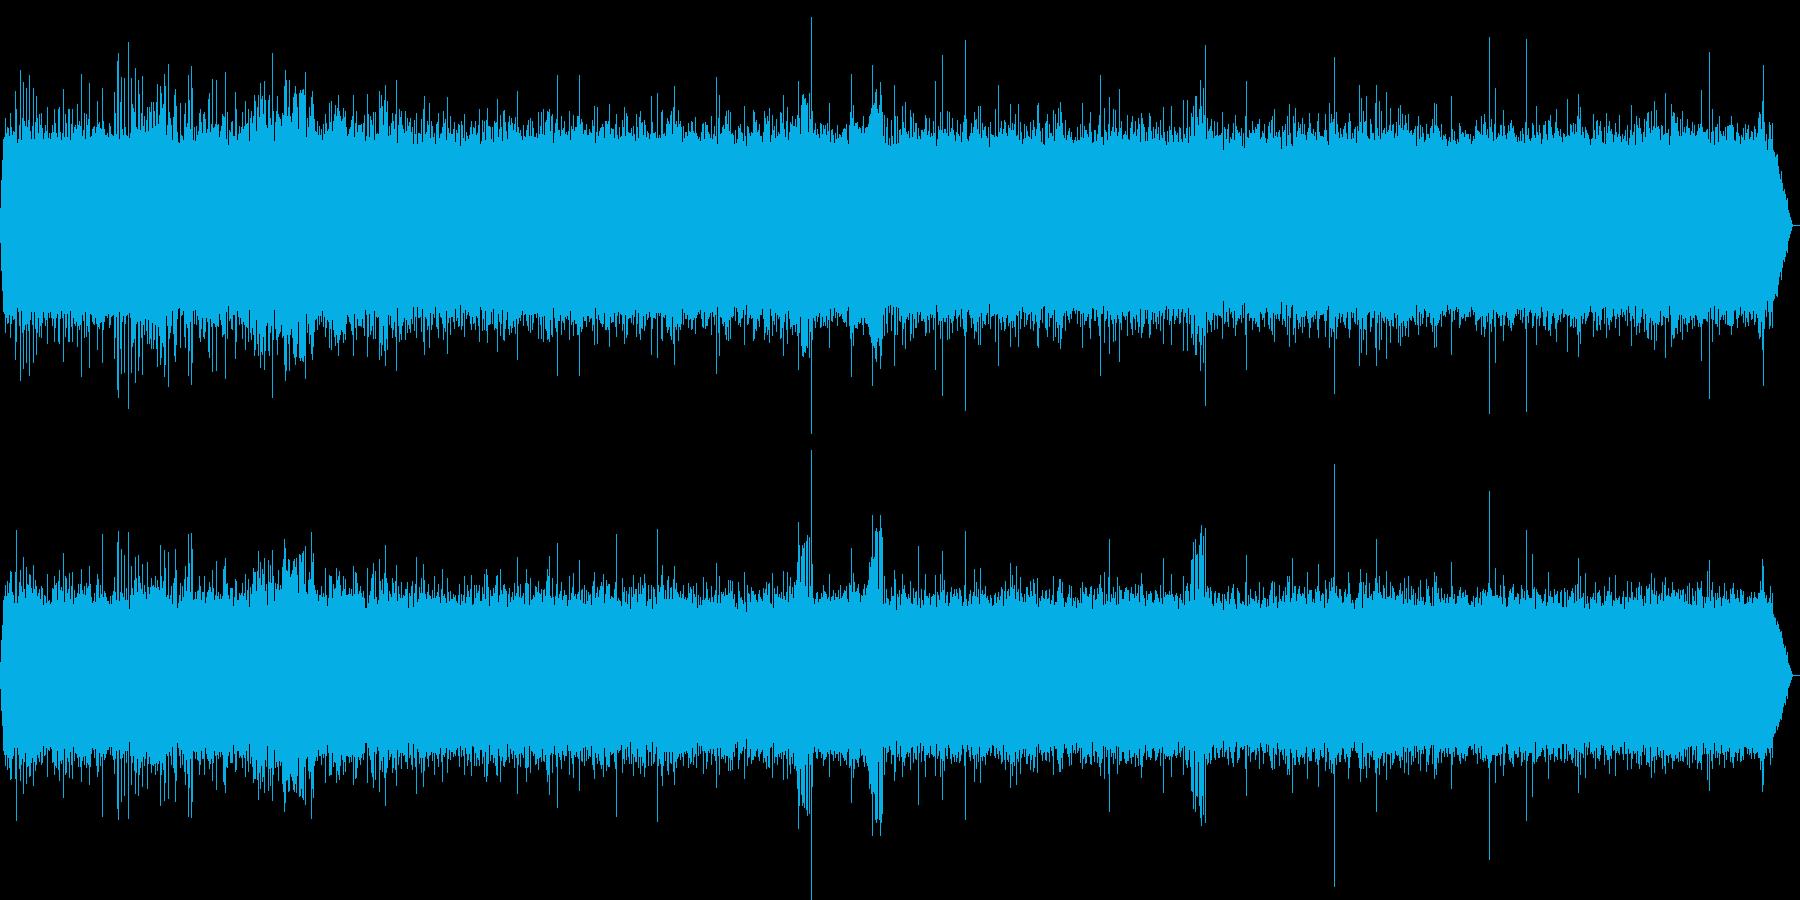 【自然音】川、鳥、虫の声 熊野での録音の再生済みの波形